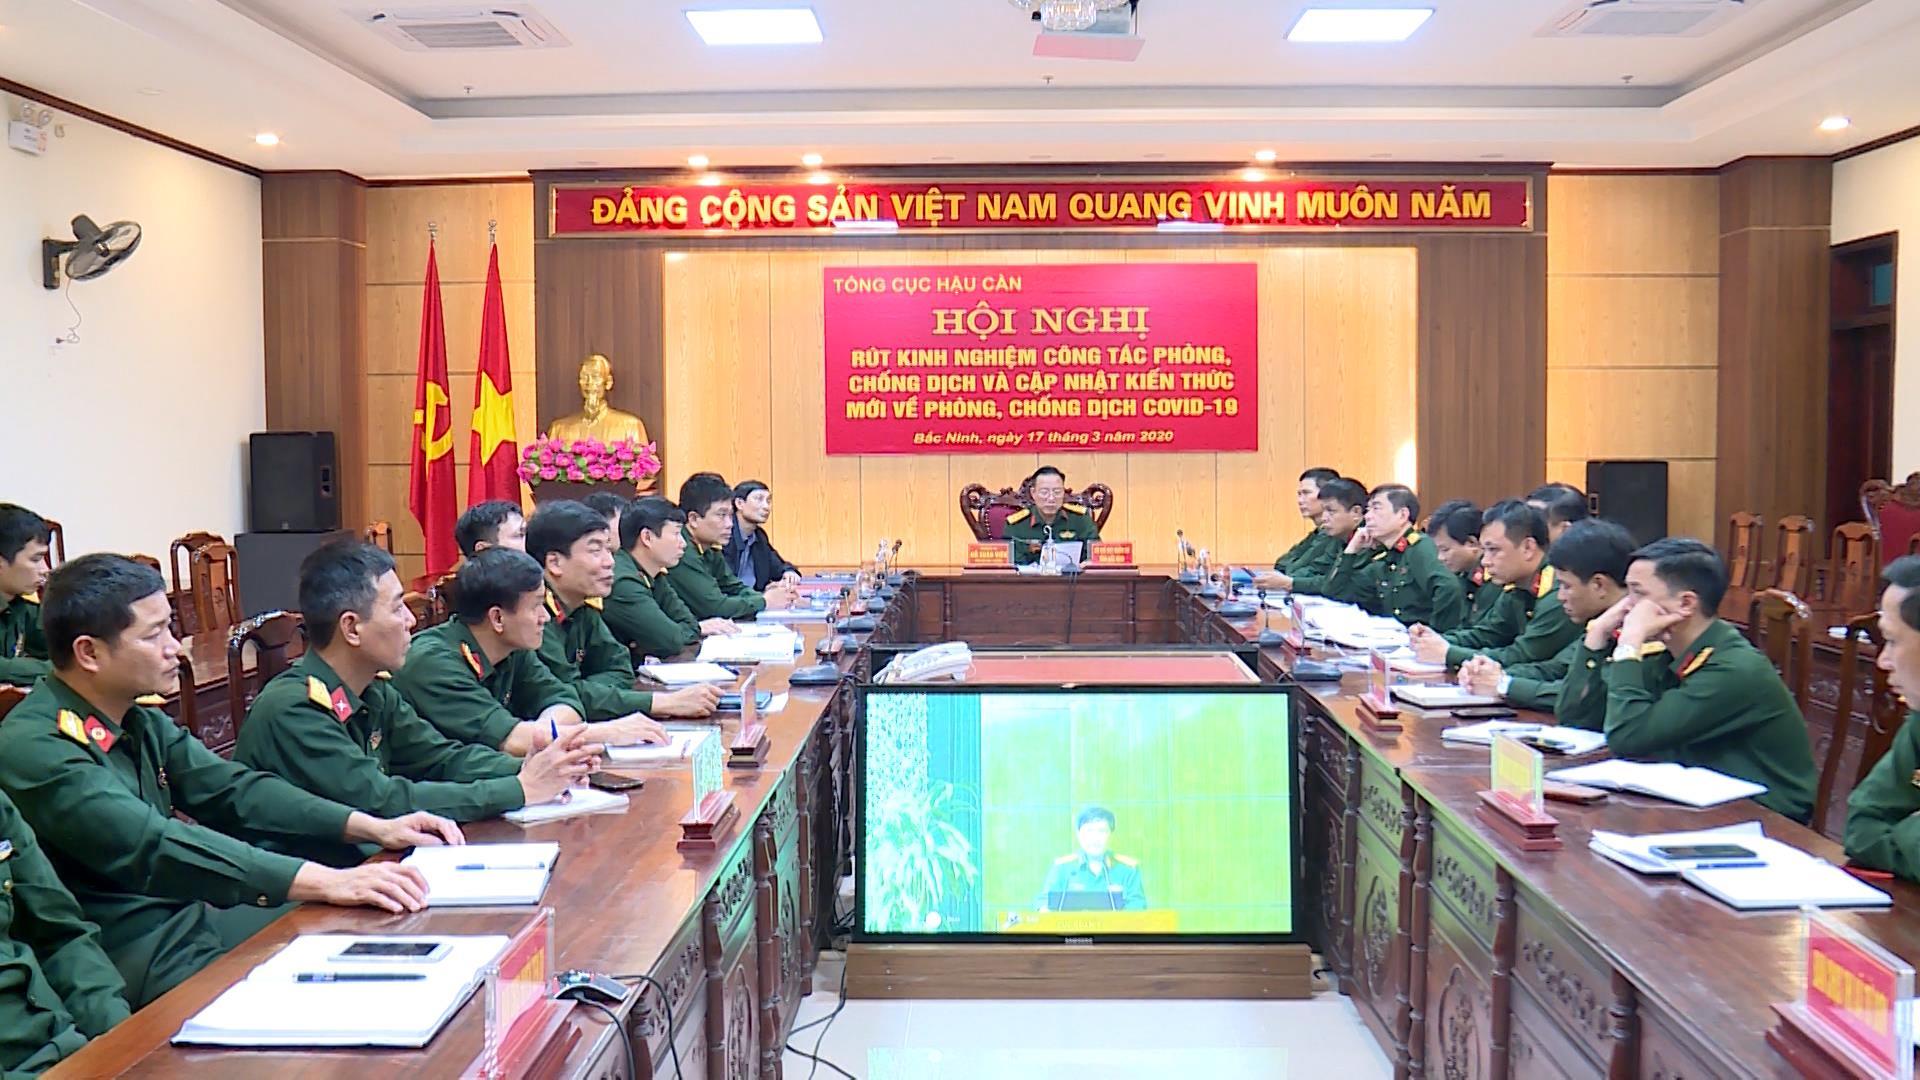 Khai giảng lớp Bồi dưỡng quốc phòng và an ninh đối tượng 3